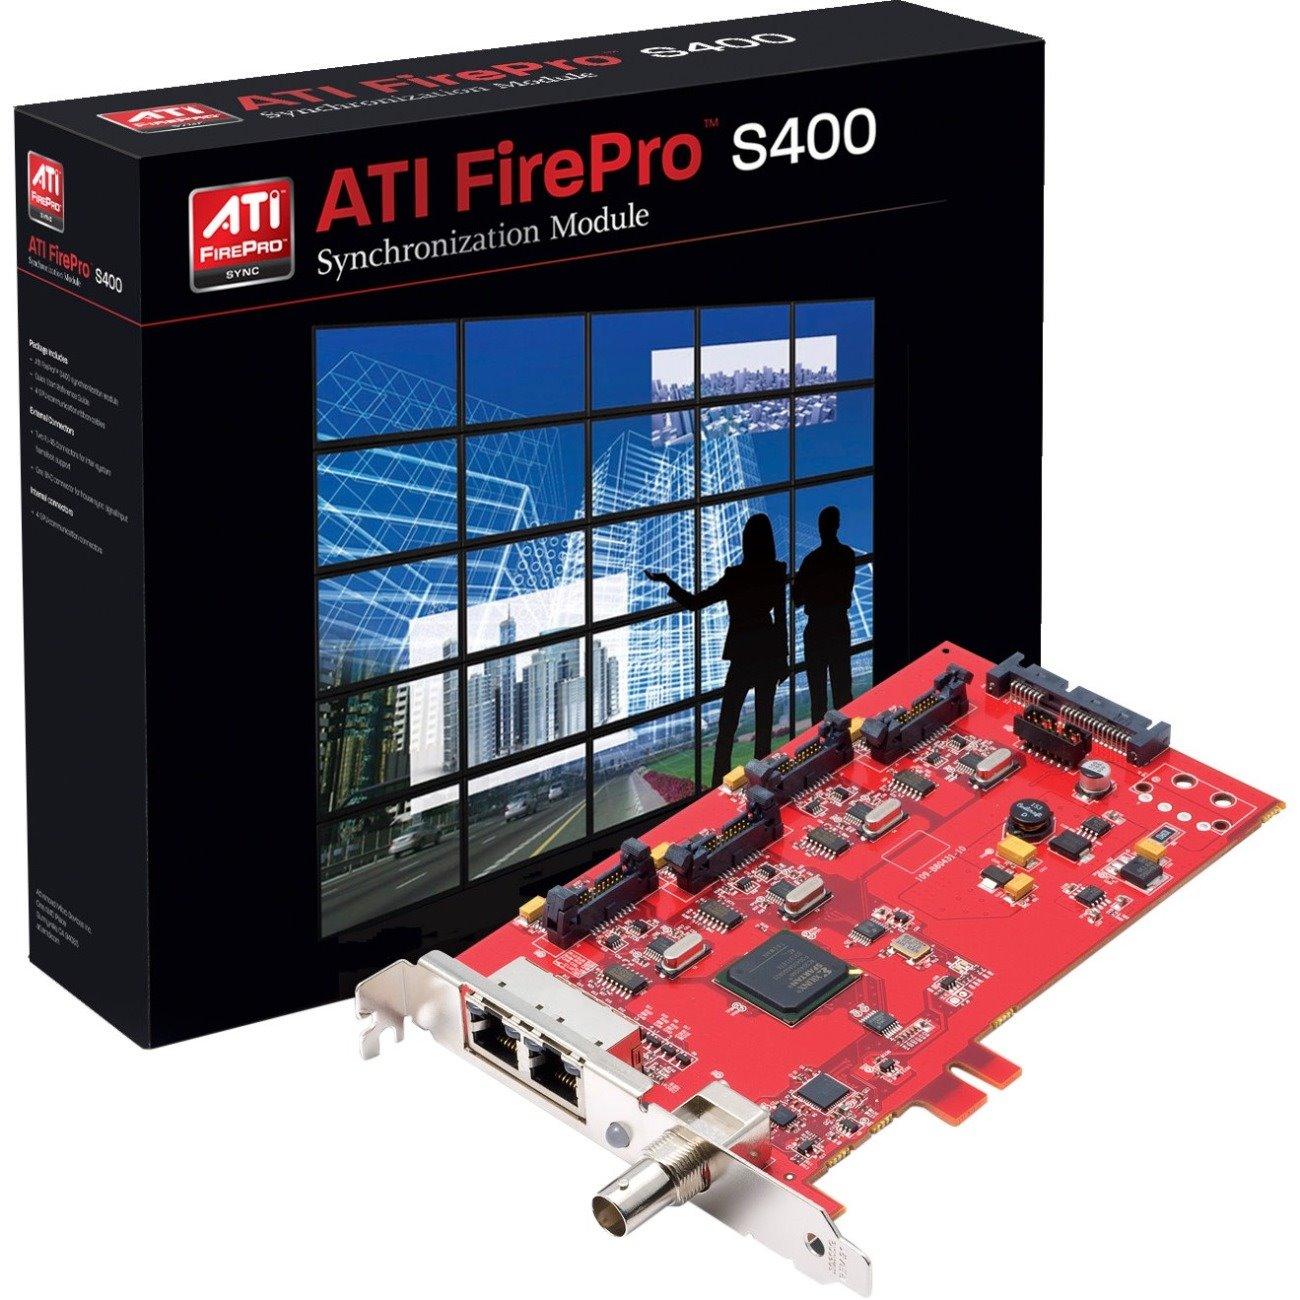 AMD Video Sync Card - Plug-in Card